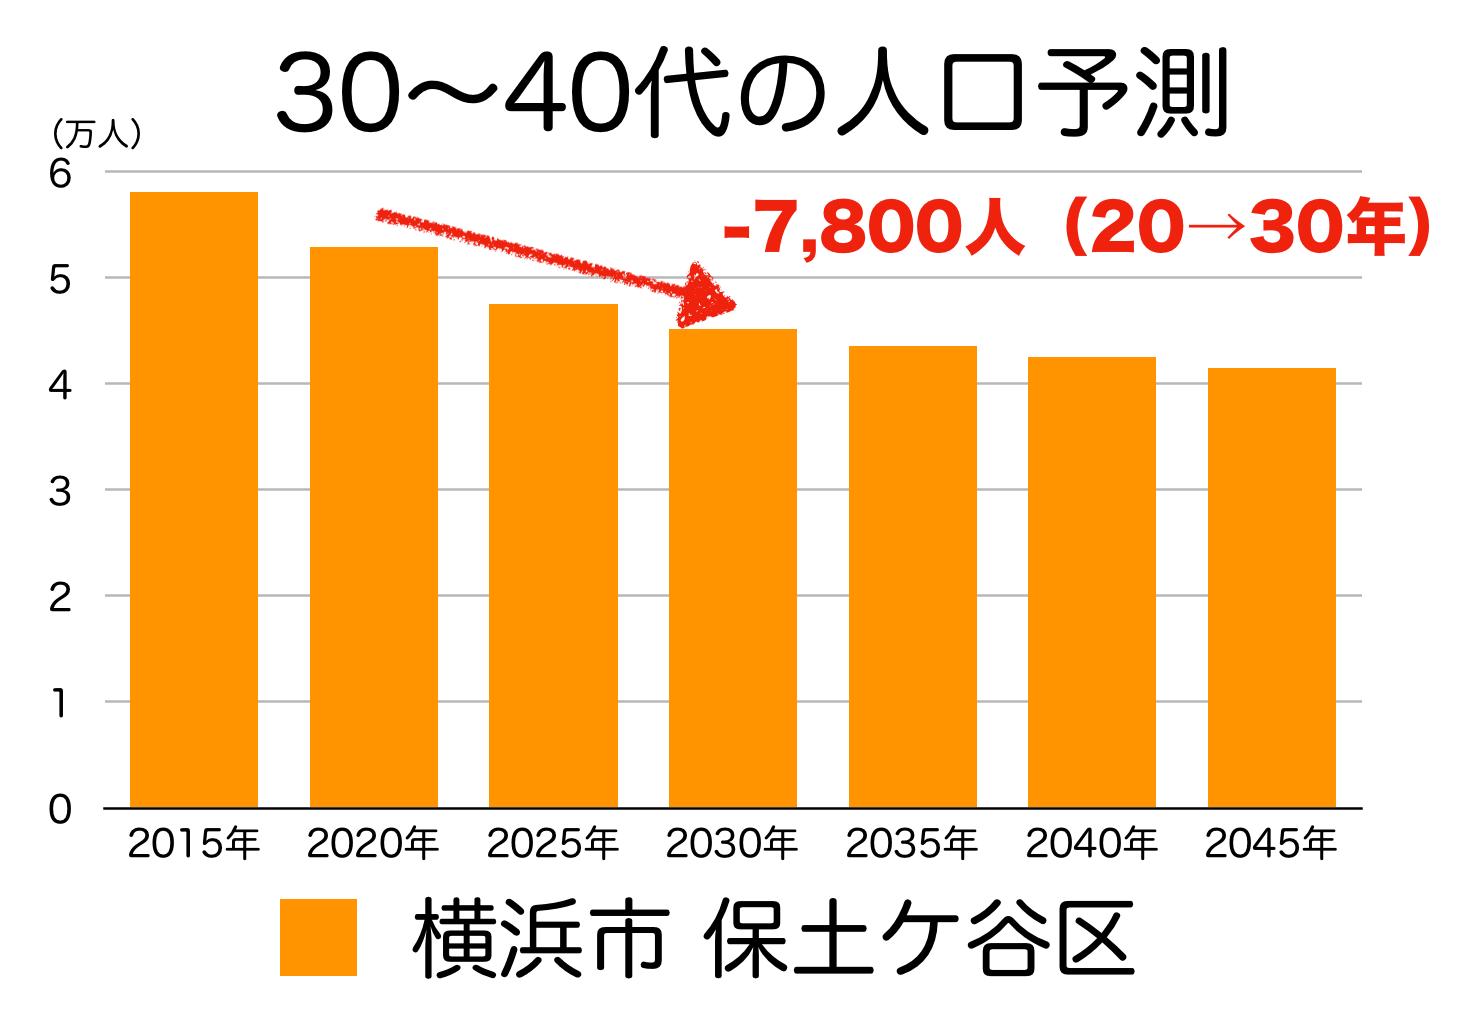 保土ヶ谷区の30〜40代人口の予測